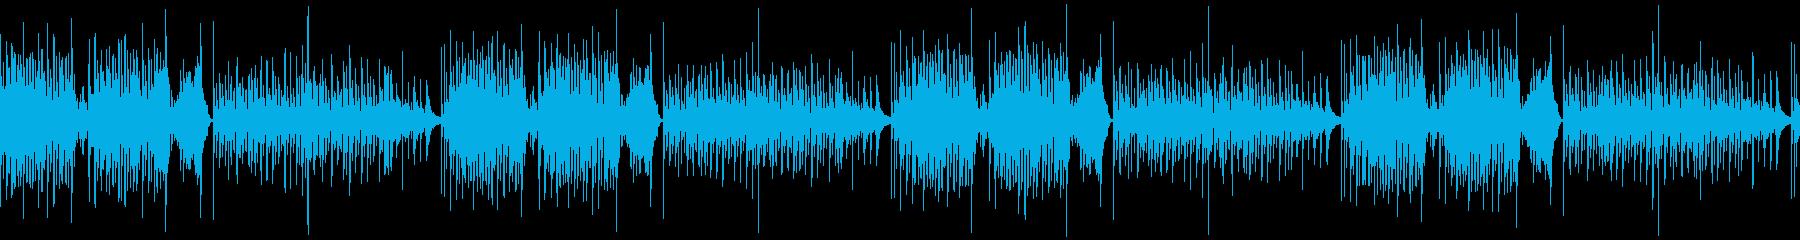 へんてこ・コミカル・かわいい日常系BGMの再生済みの波形